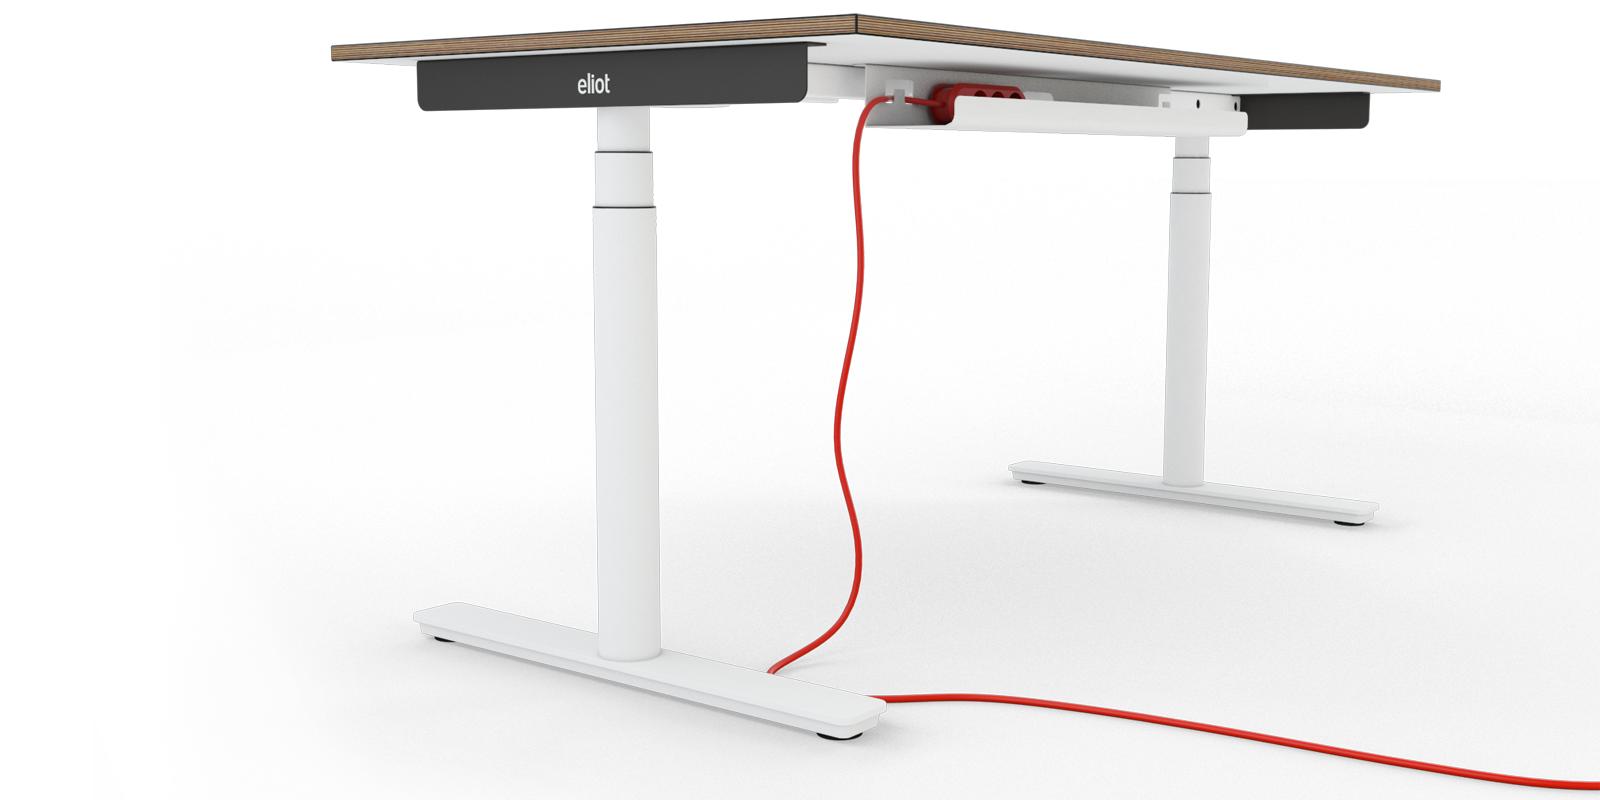 Höhenverstellbare Schreibtische Und Kabelmanagement Smartfurniture